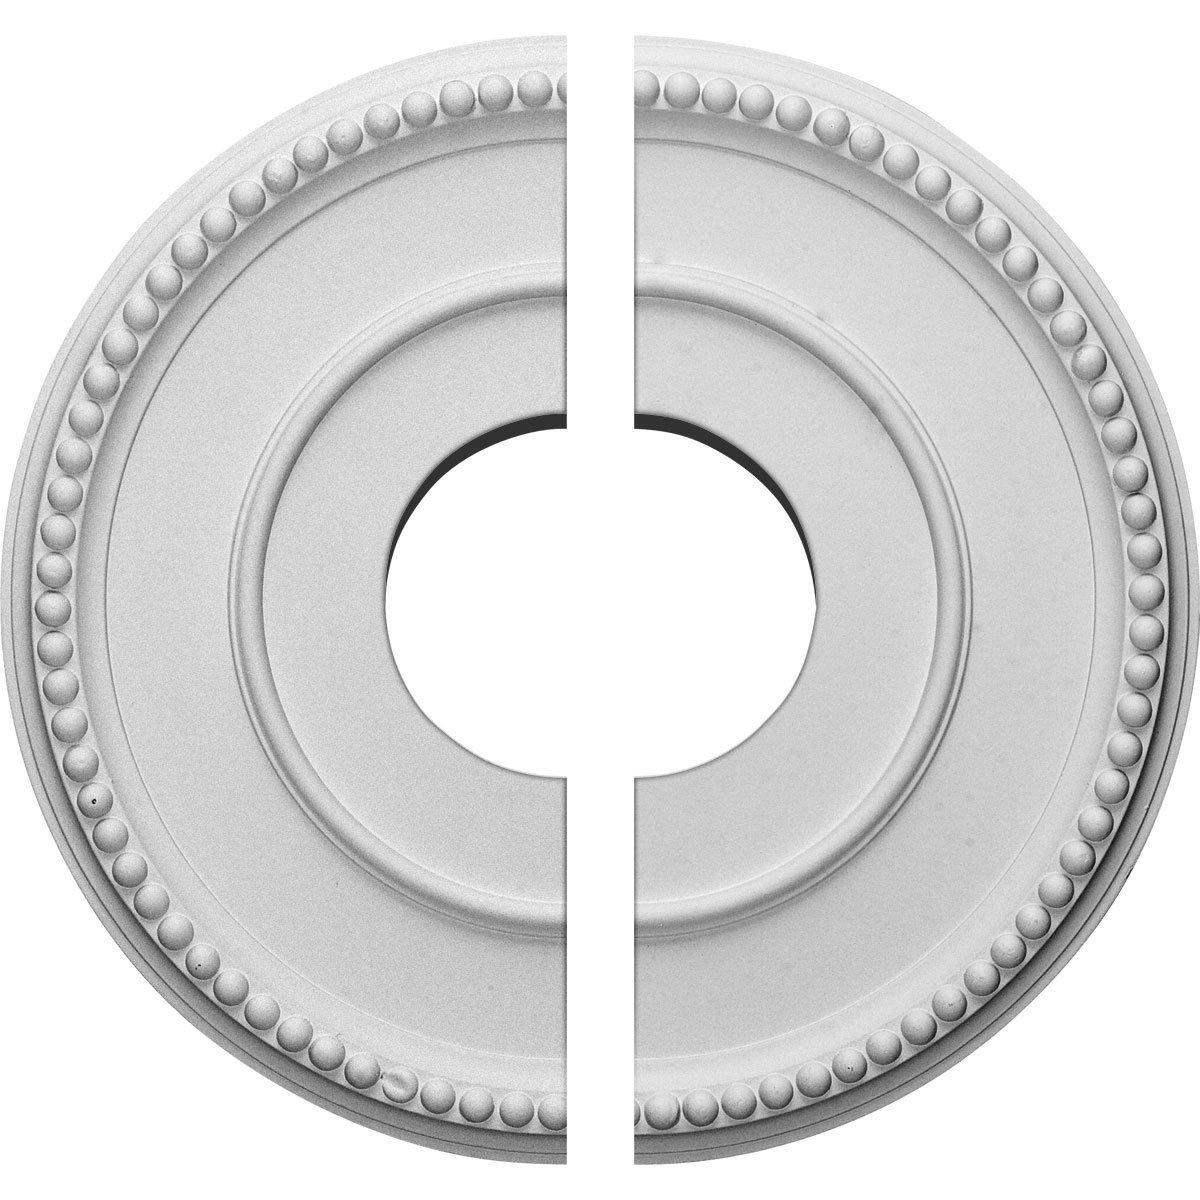 Ekena Millwork CM12BR2 12 1/2''OD x 3 7/8''ID x 3/4''P Bradford Ceiling Medallion, Fits Canopies up to 6-5/8'', 2 Piece by Ekena Millwork